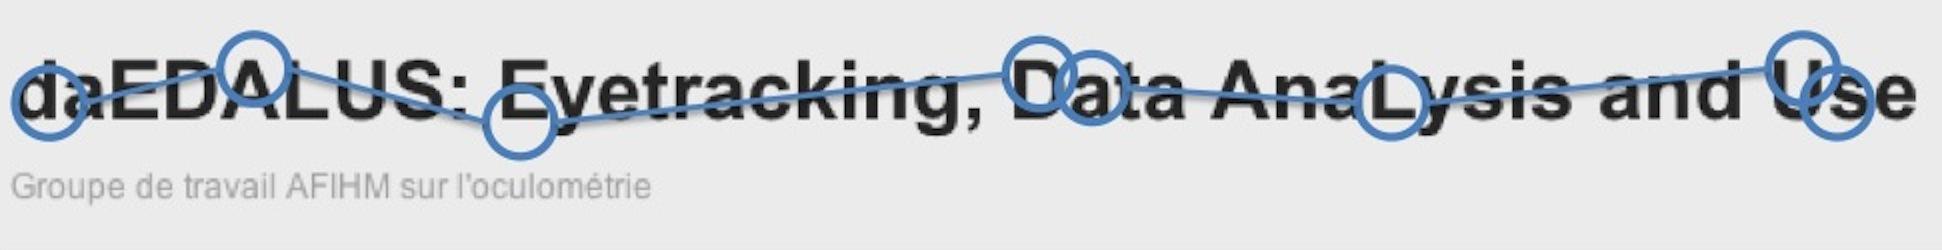 daEDALUS: Eyetracking, Data AnaLysis and Use